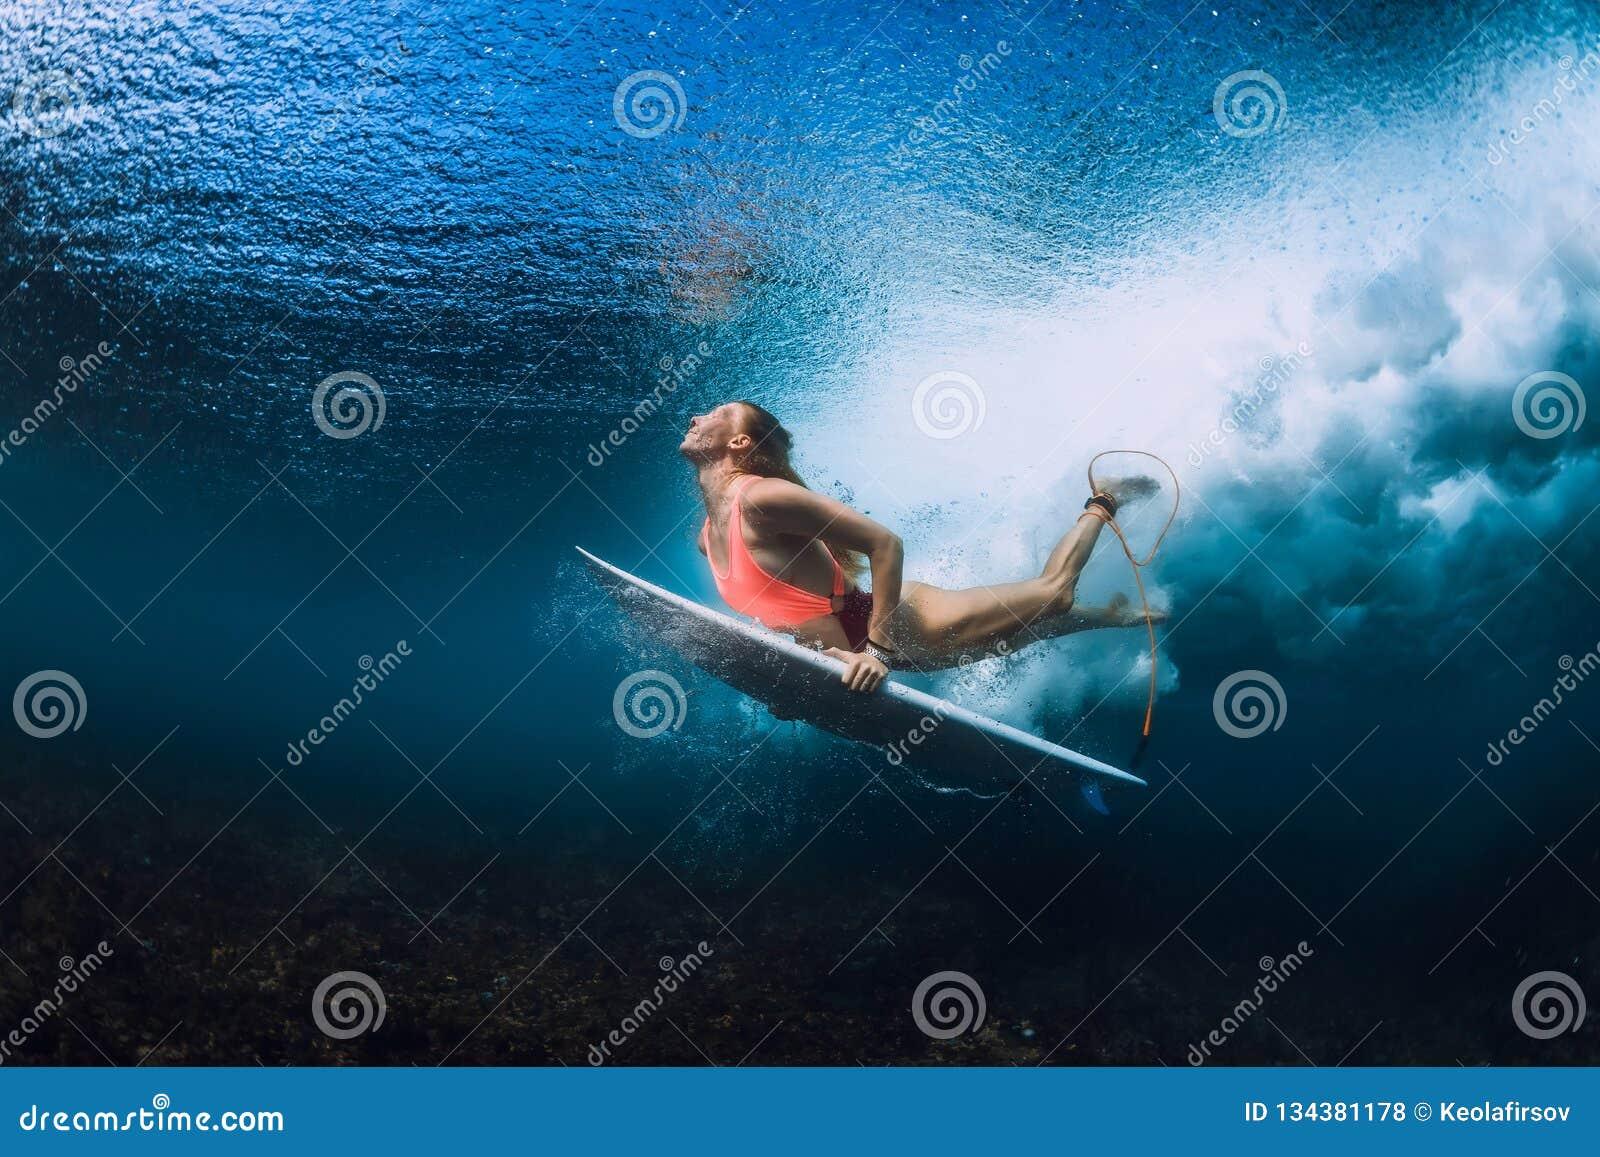 Surferfrau mit dem Surfbretttauchen Unterwasser